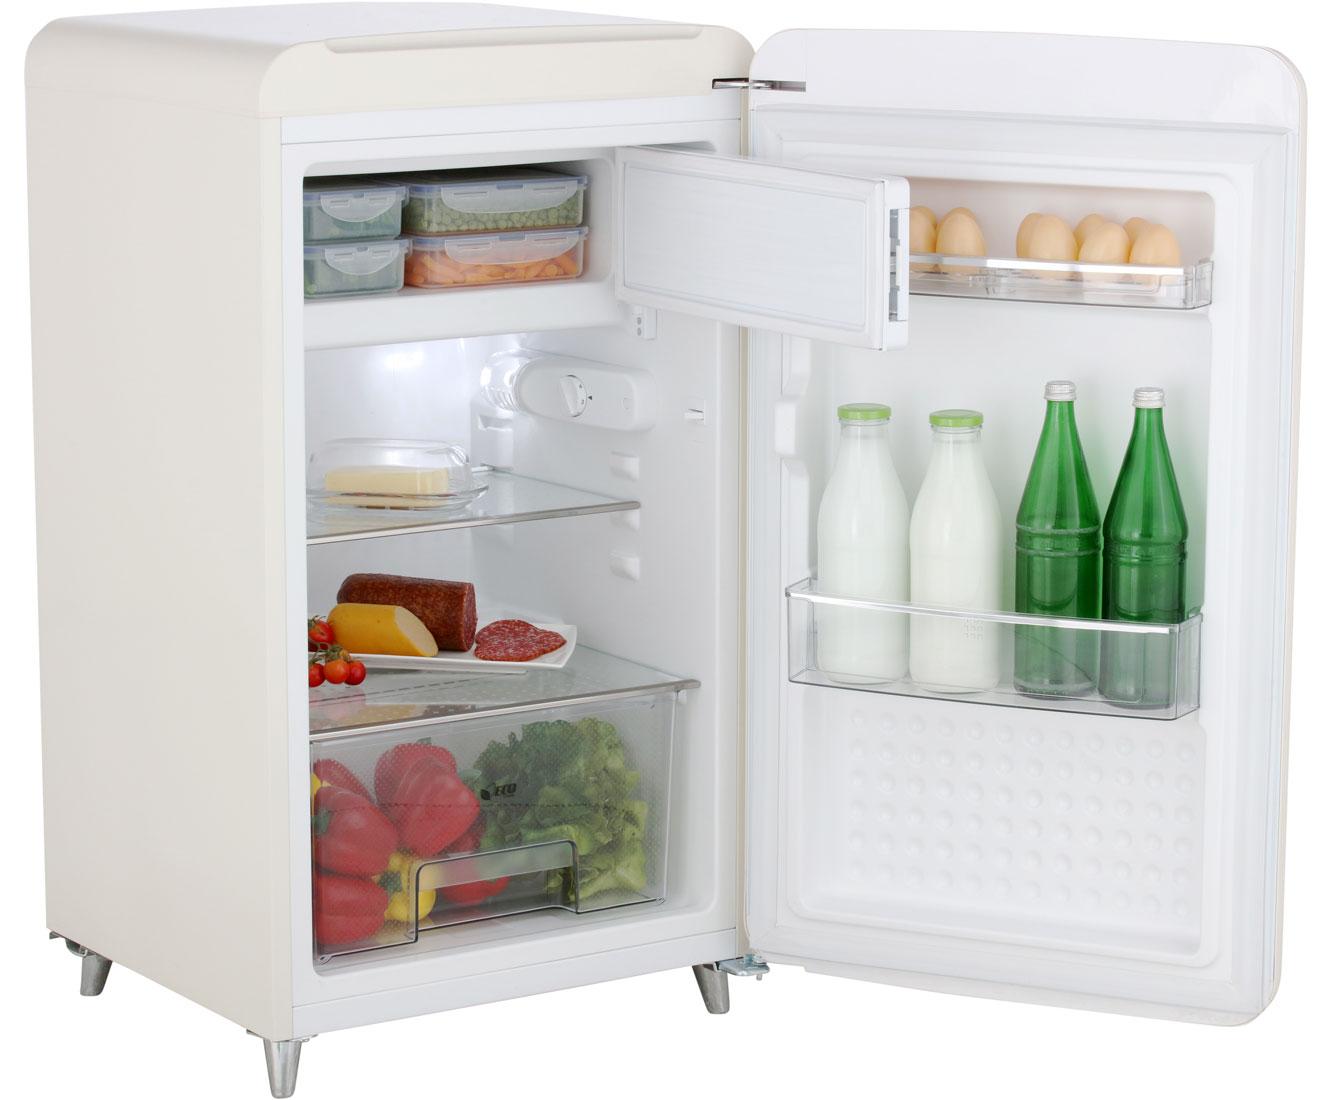 Bomann Kühlschrank Beige : Bomann ksr kühlschrank mit gefrierfach beige retro design a